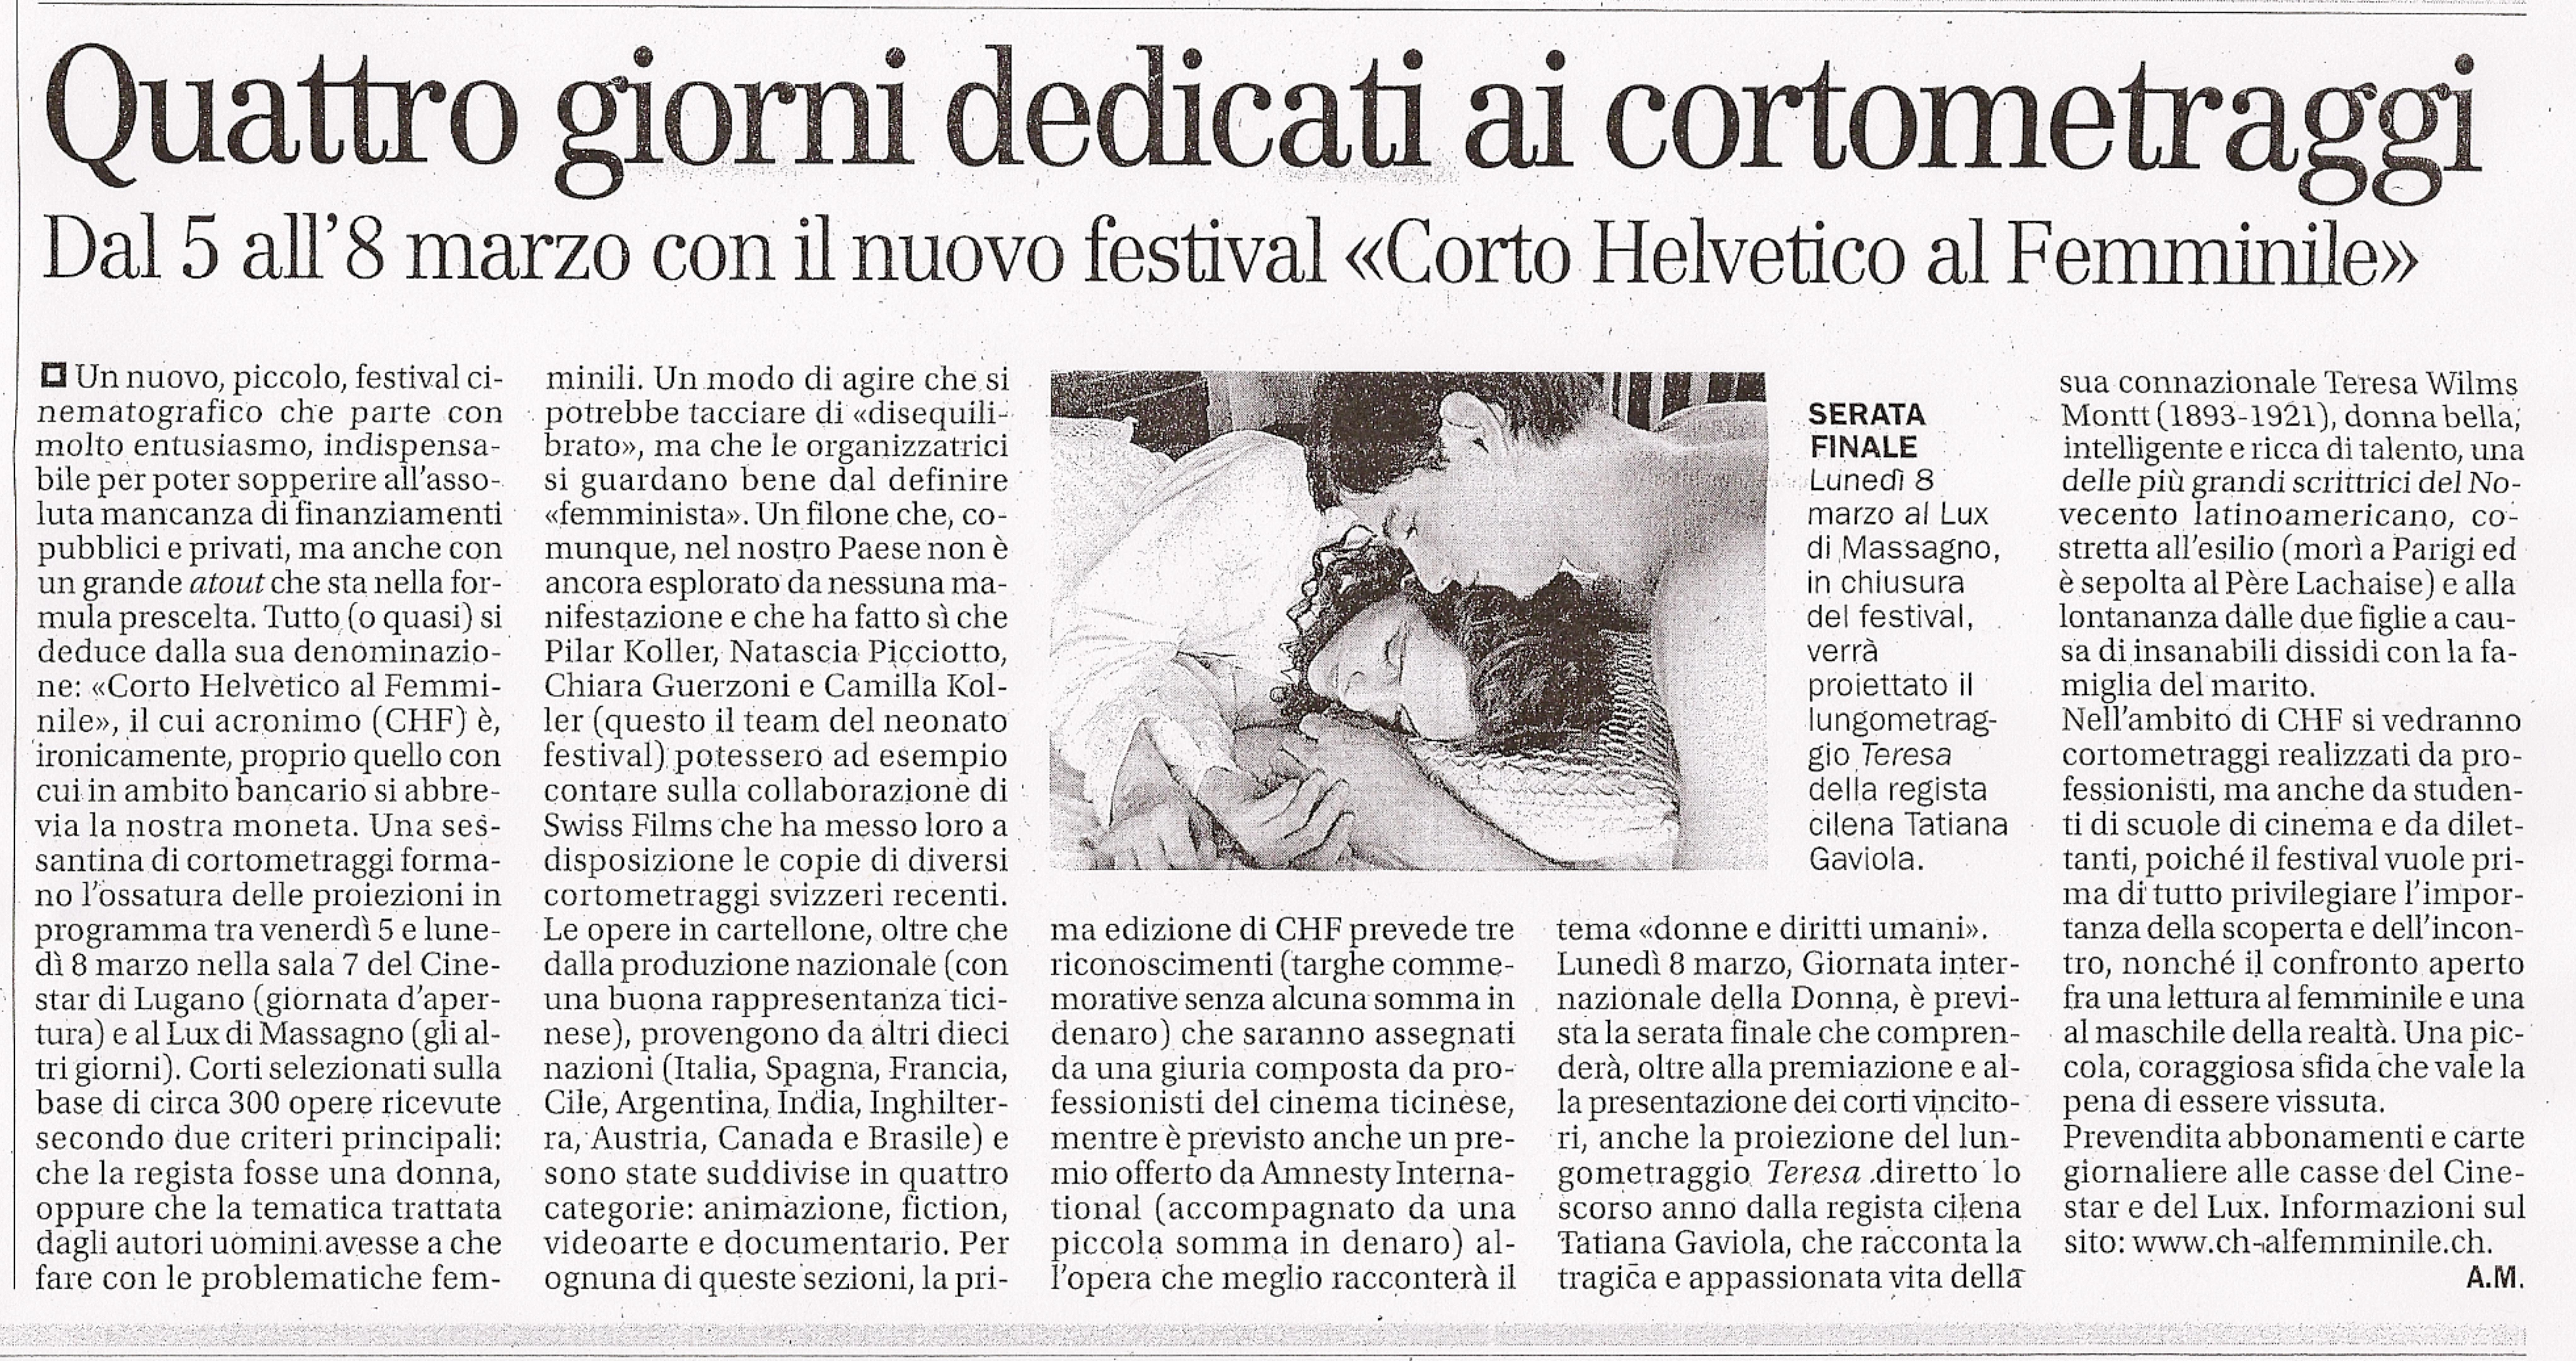 Il Corriere del Ticino